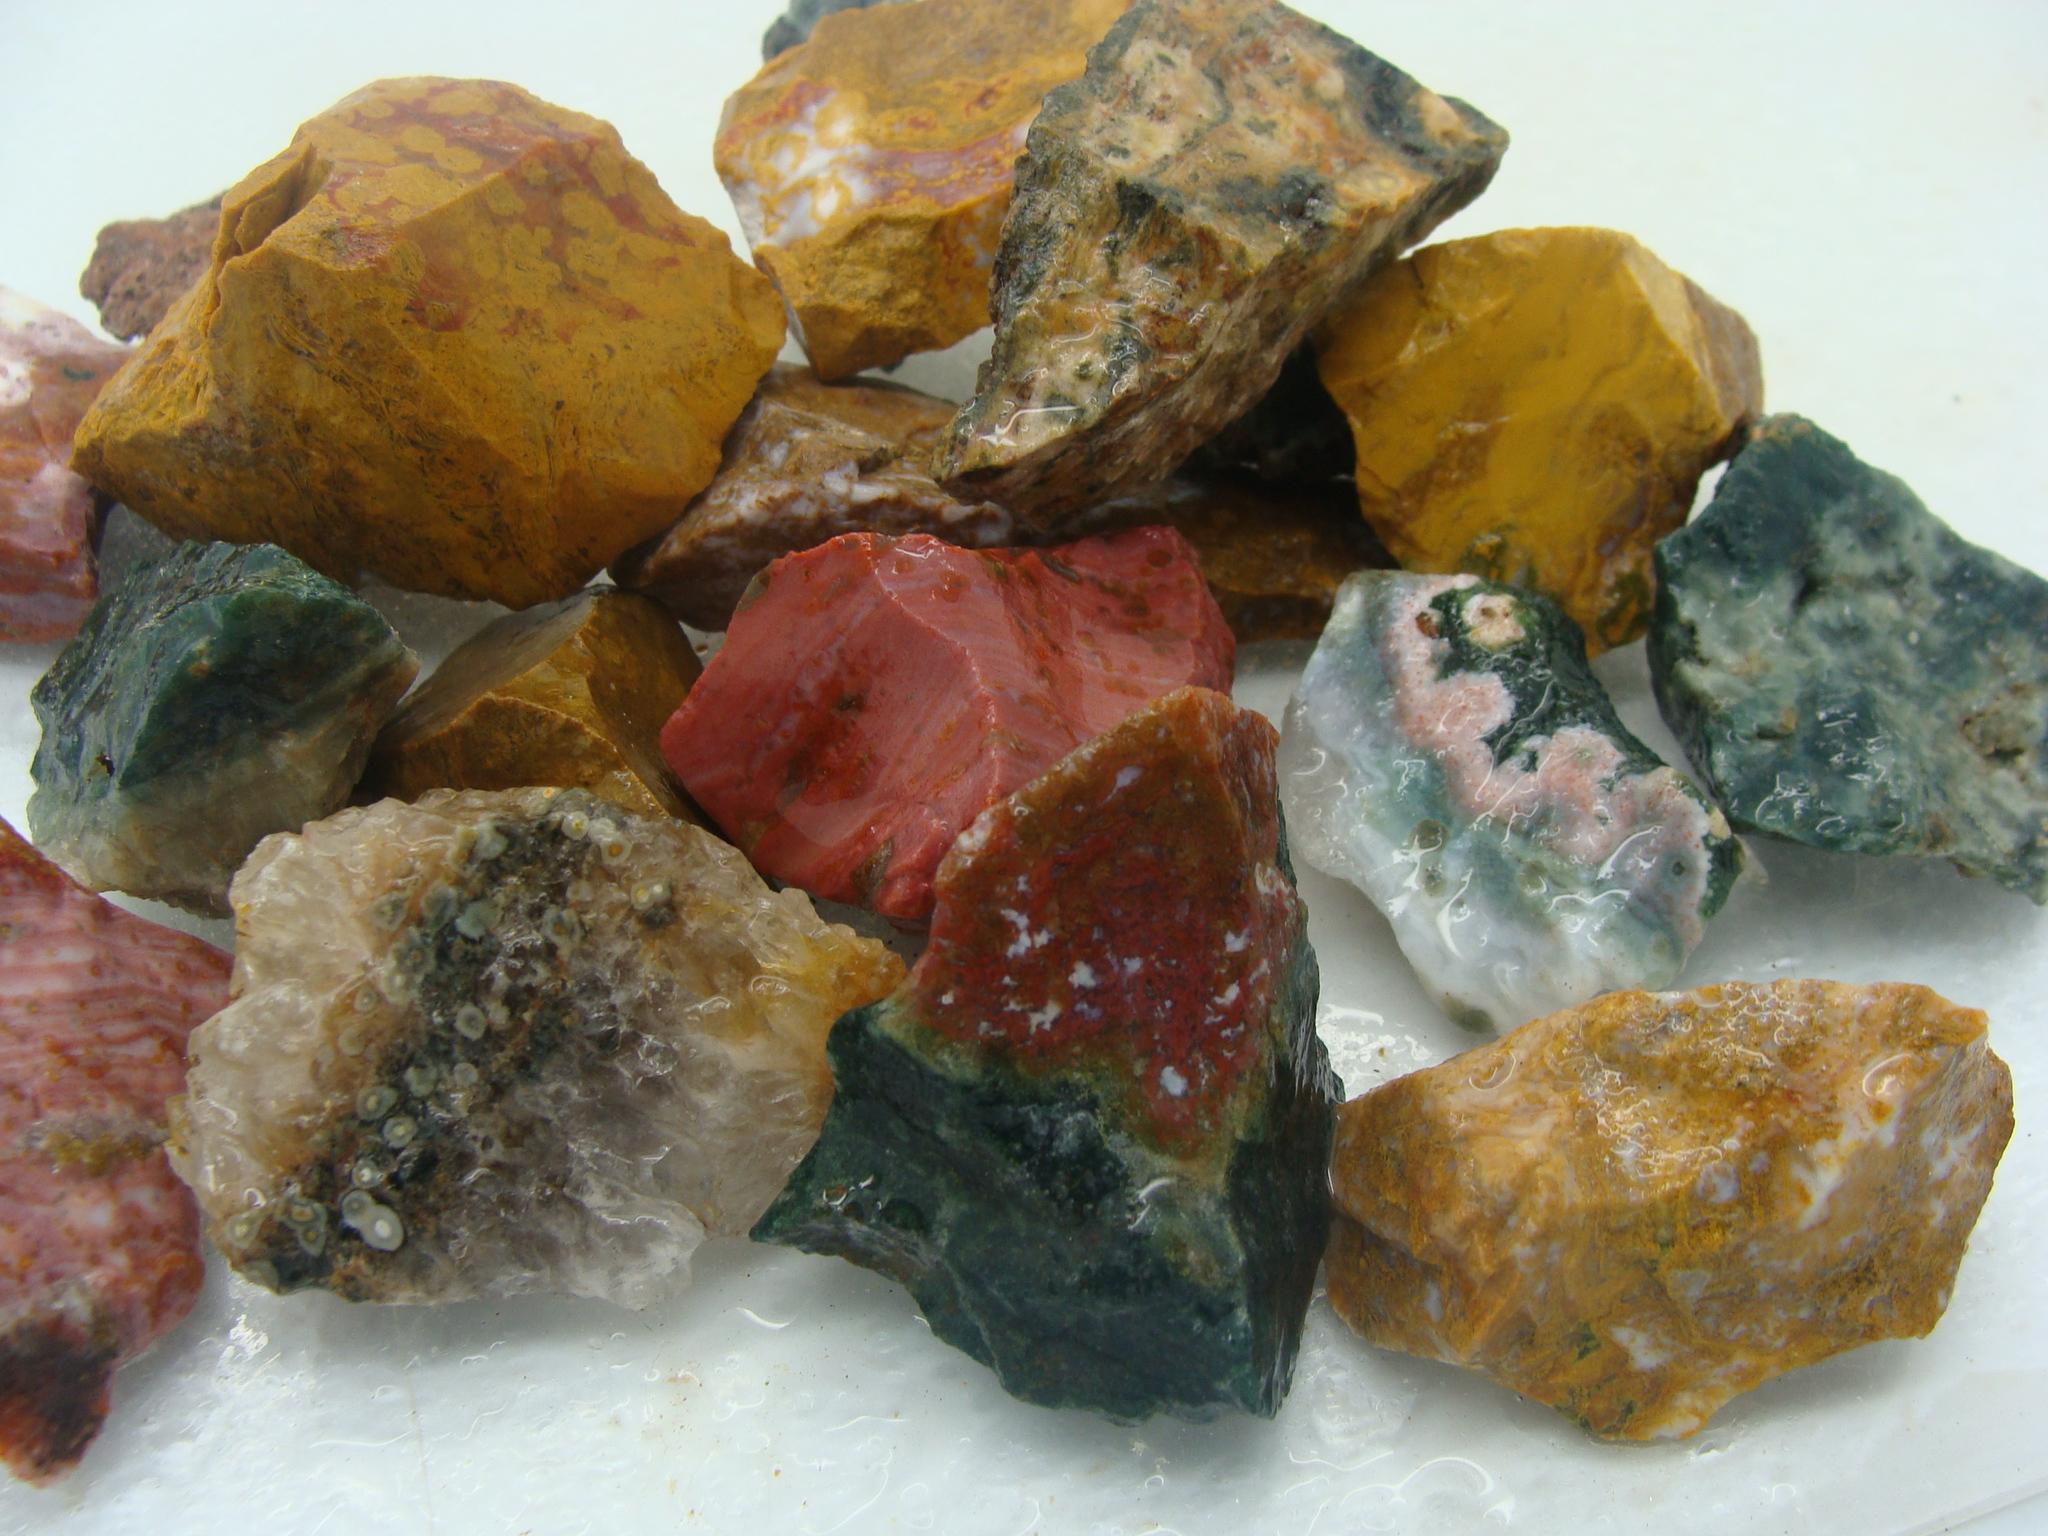 Sea Jasper Rock Rough For Tumbling Polishing